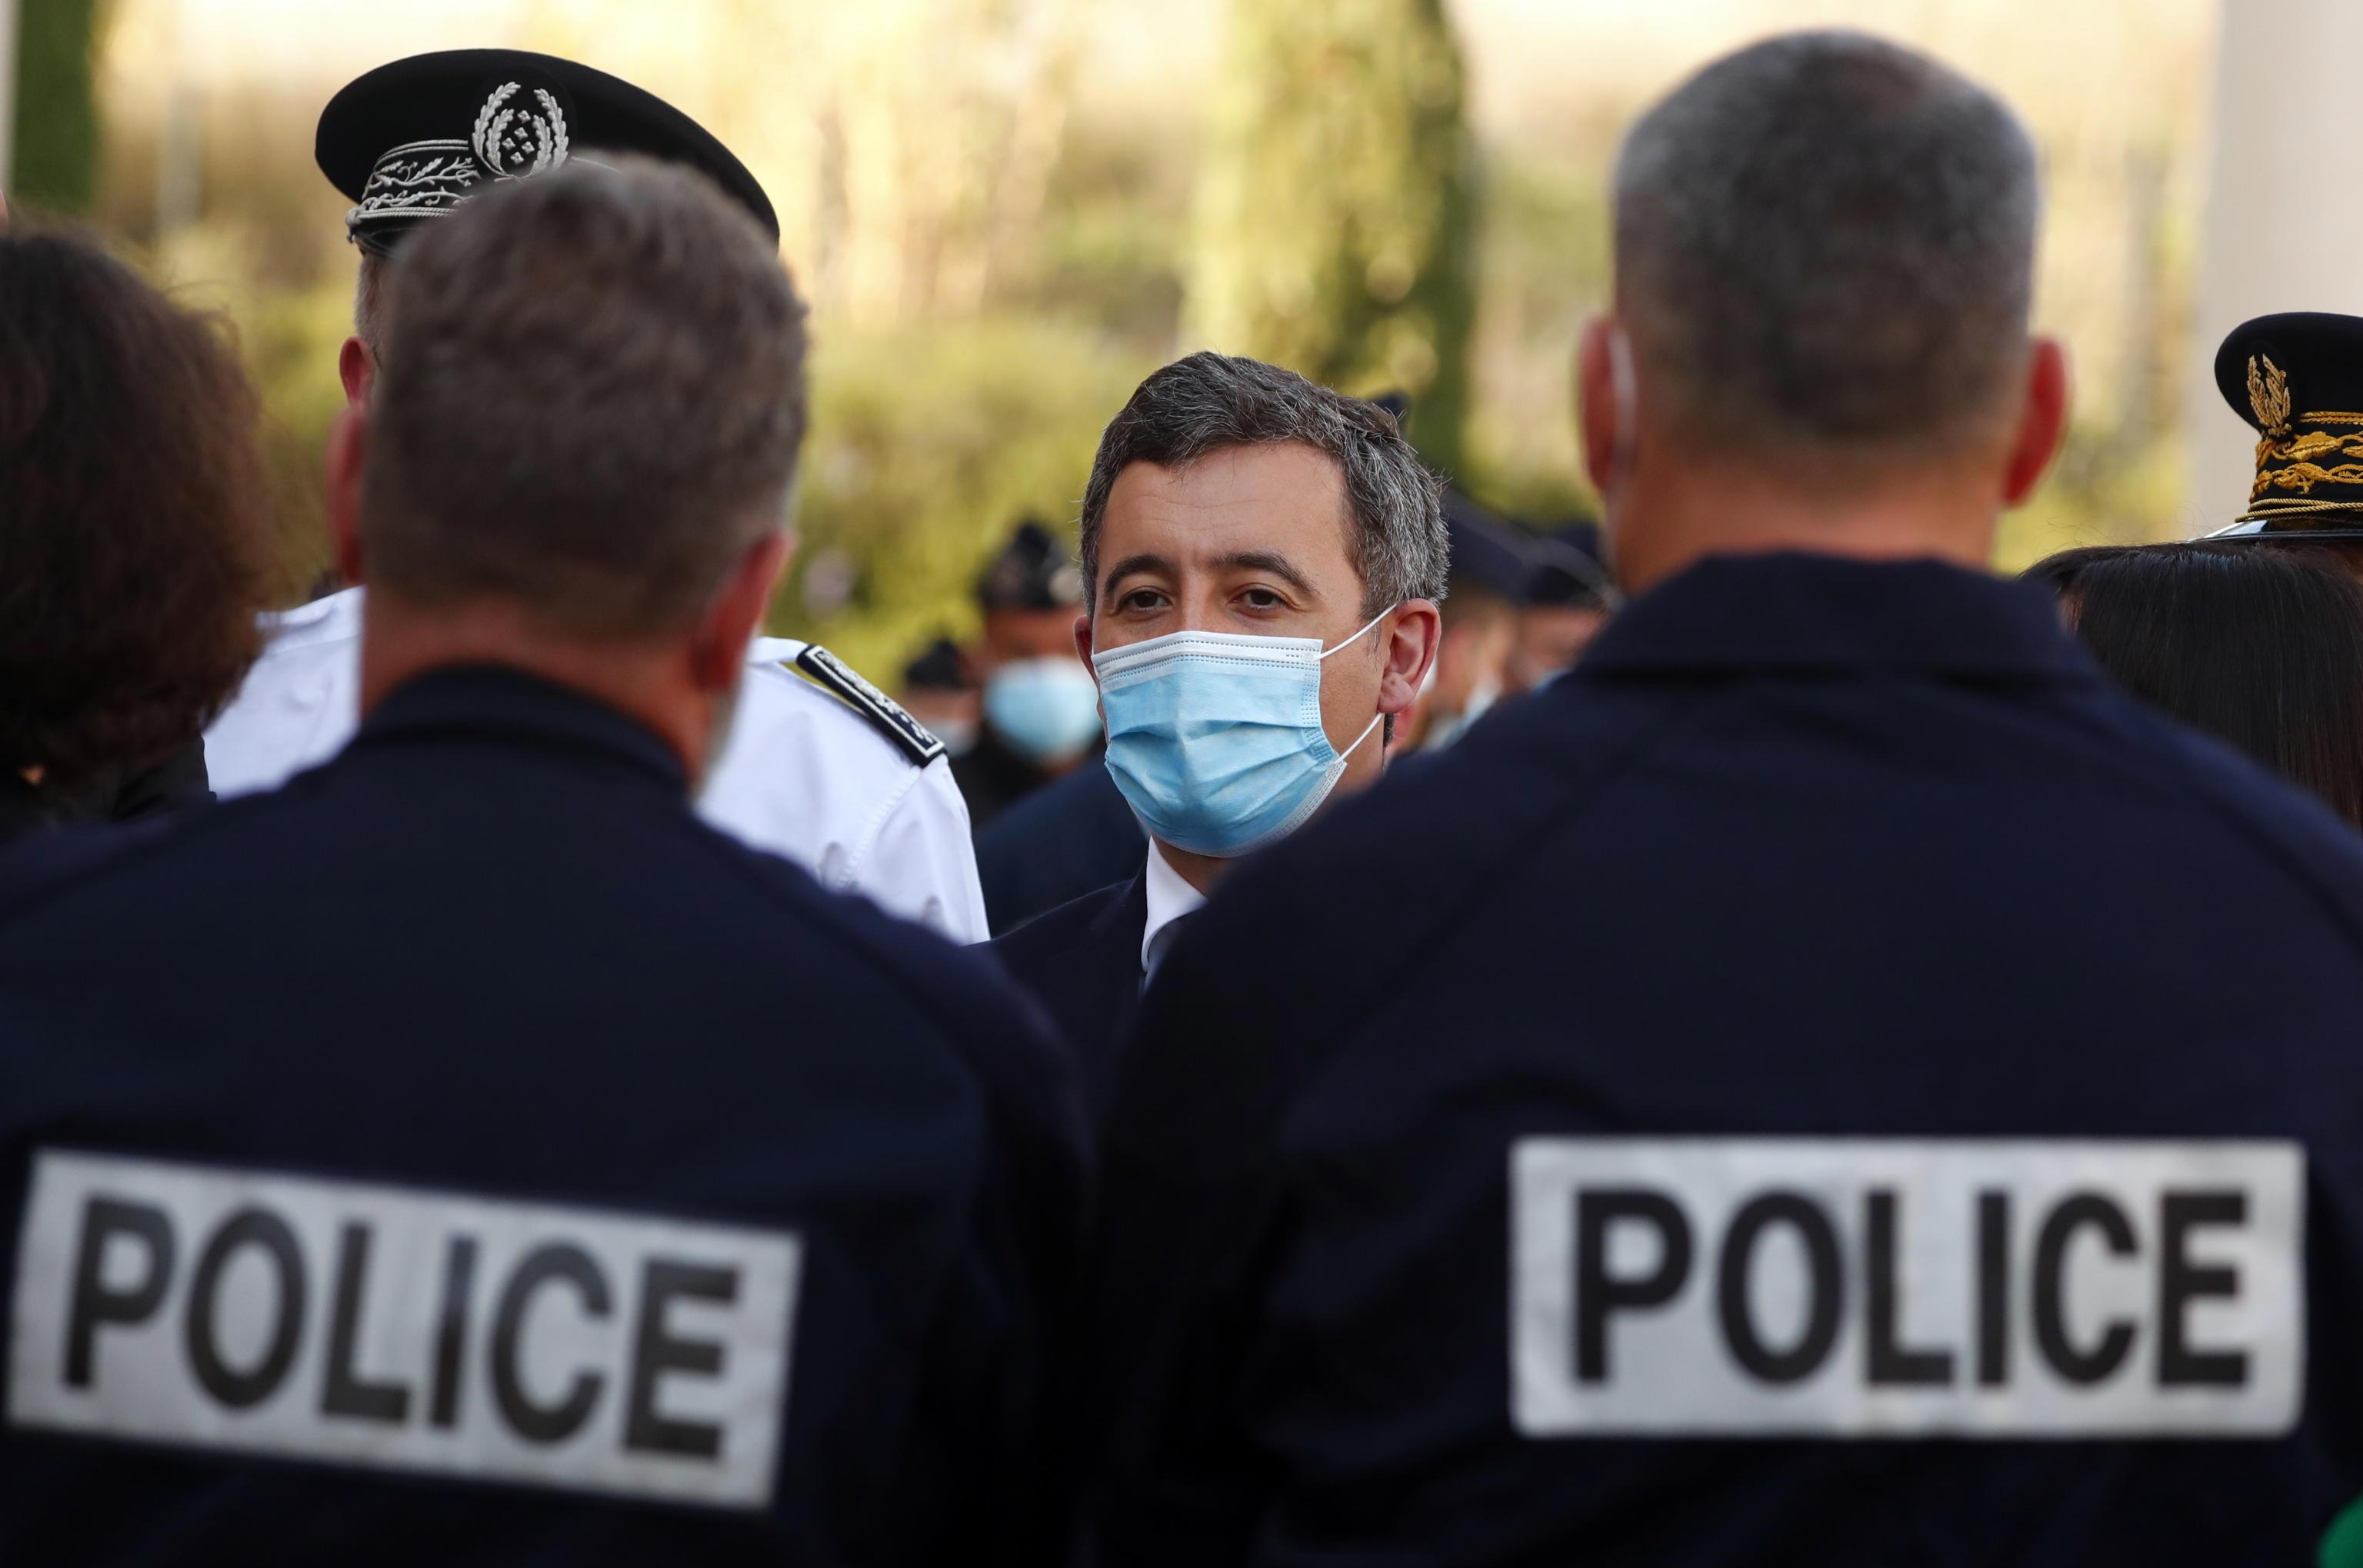 Terroristi italiani in Francia, 29/9 decisione su questioni preliminari costituzionalità